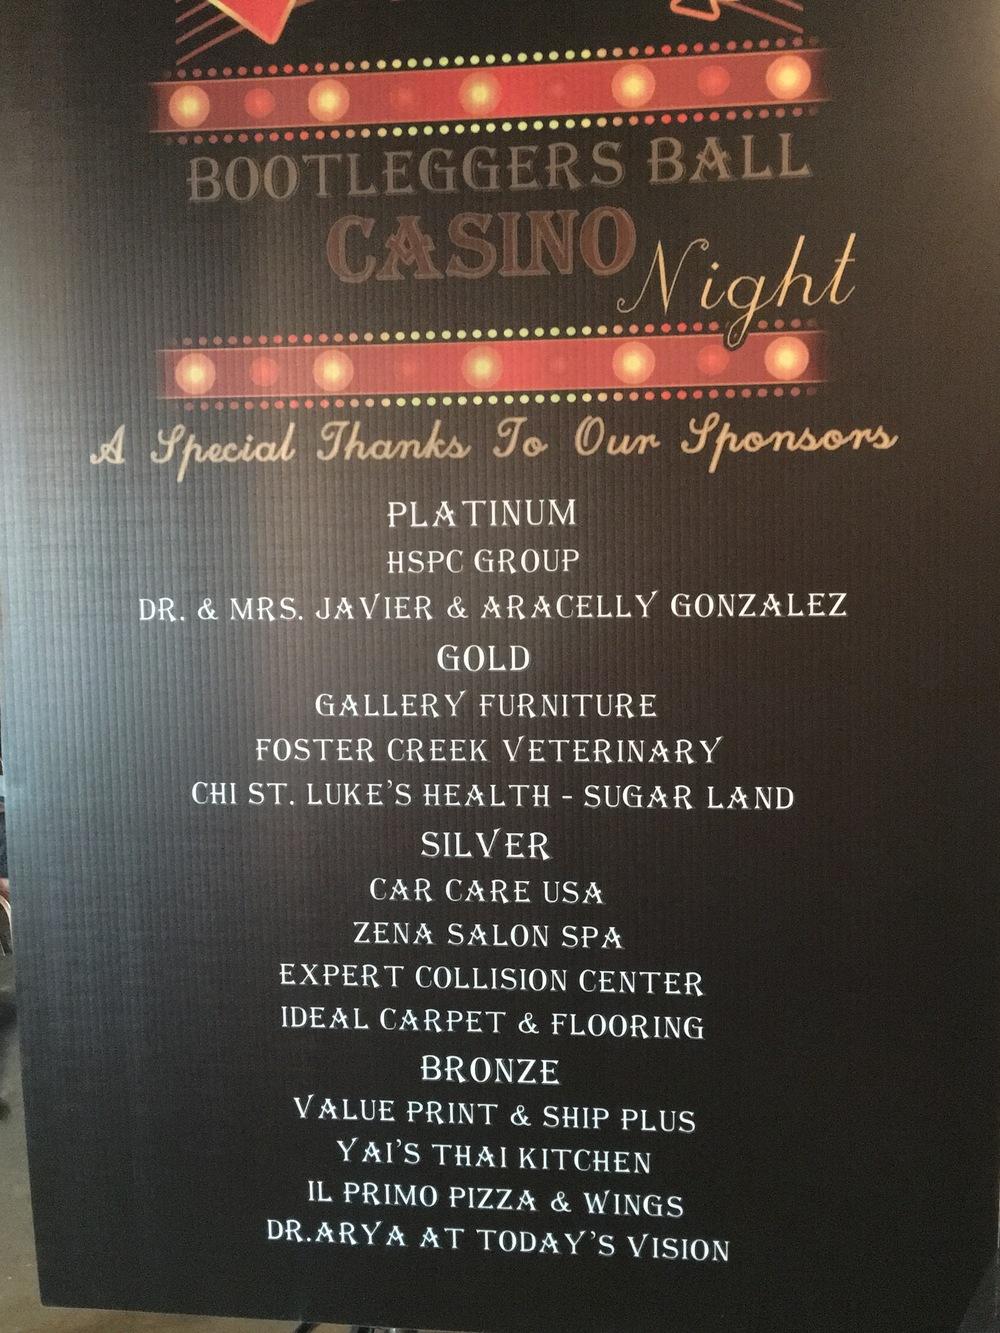 Bootlegger's Ball and Casino Night